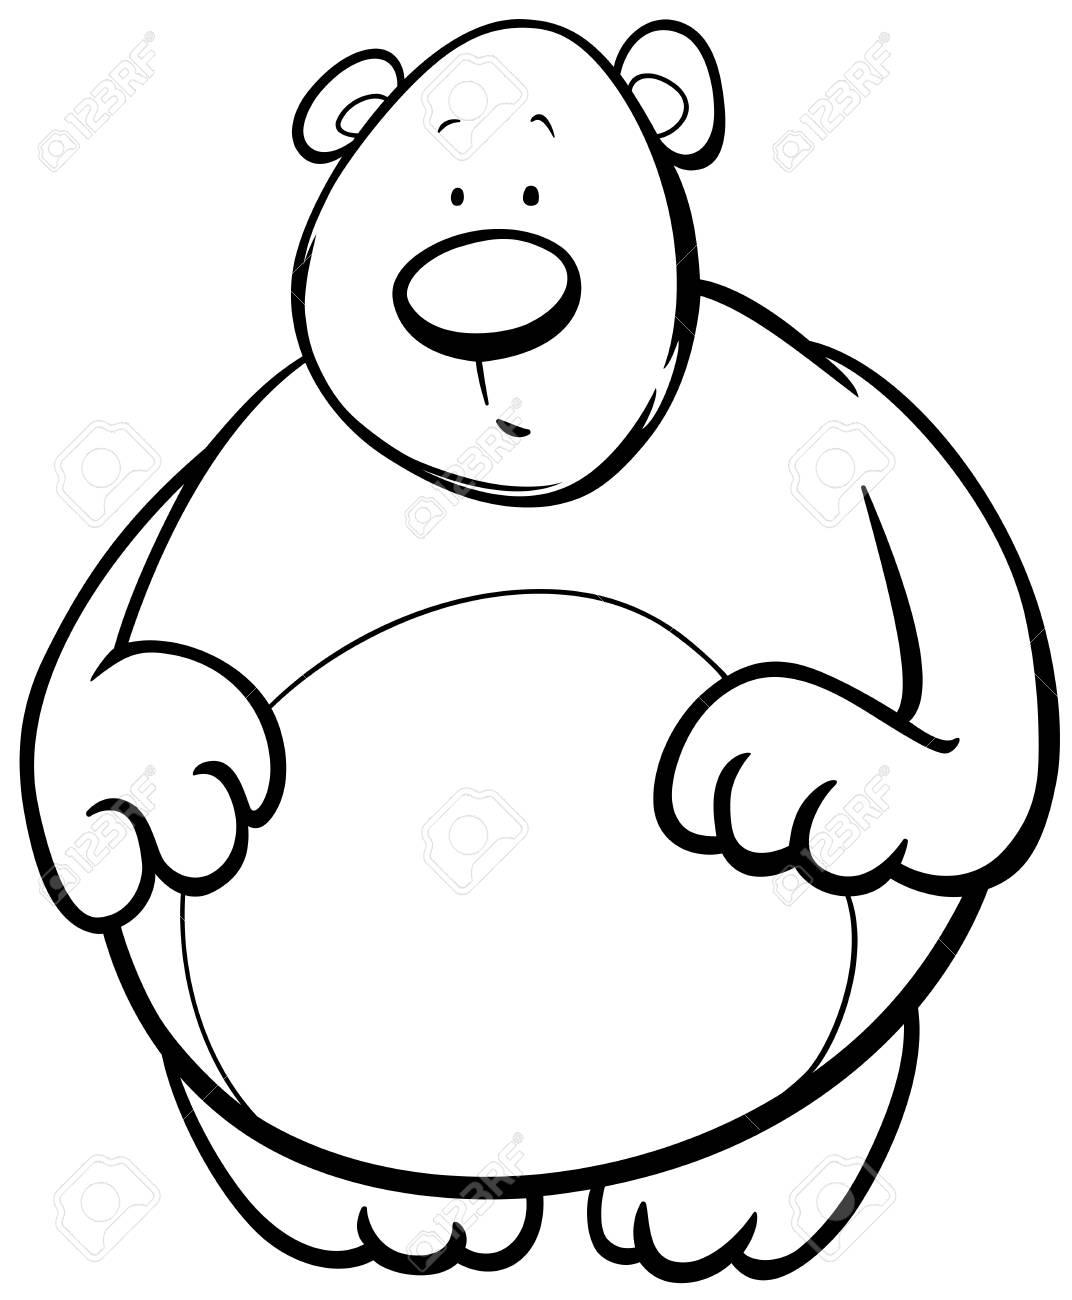 Ilustración De Dibujos Animados Blanco Y Negro De Funny Bear Animal Charactering Para Colorear